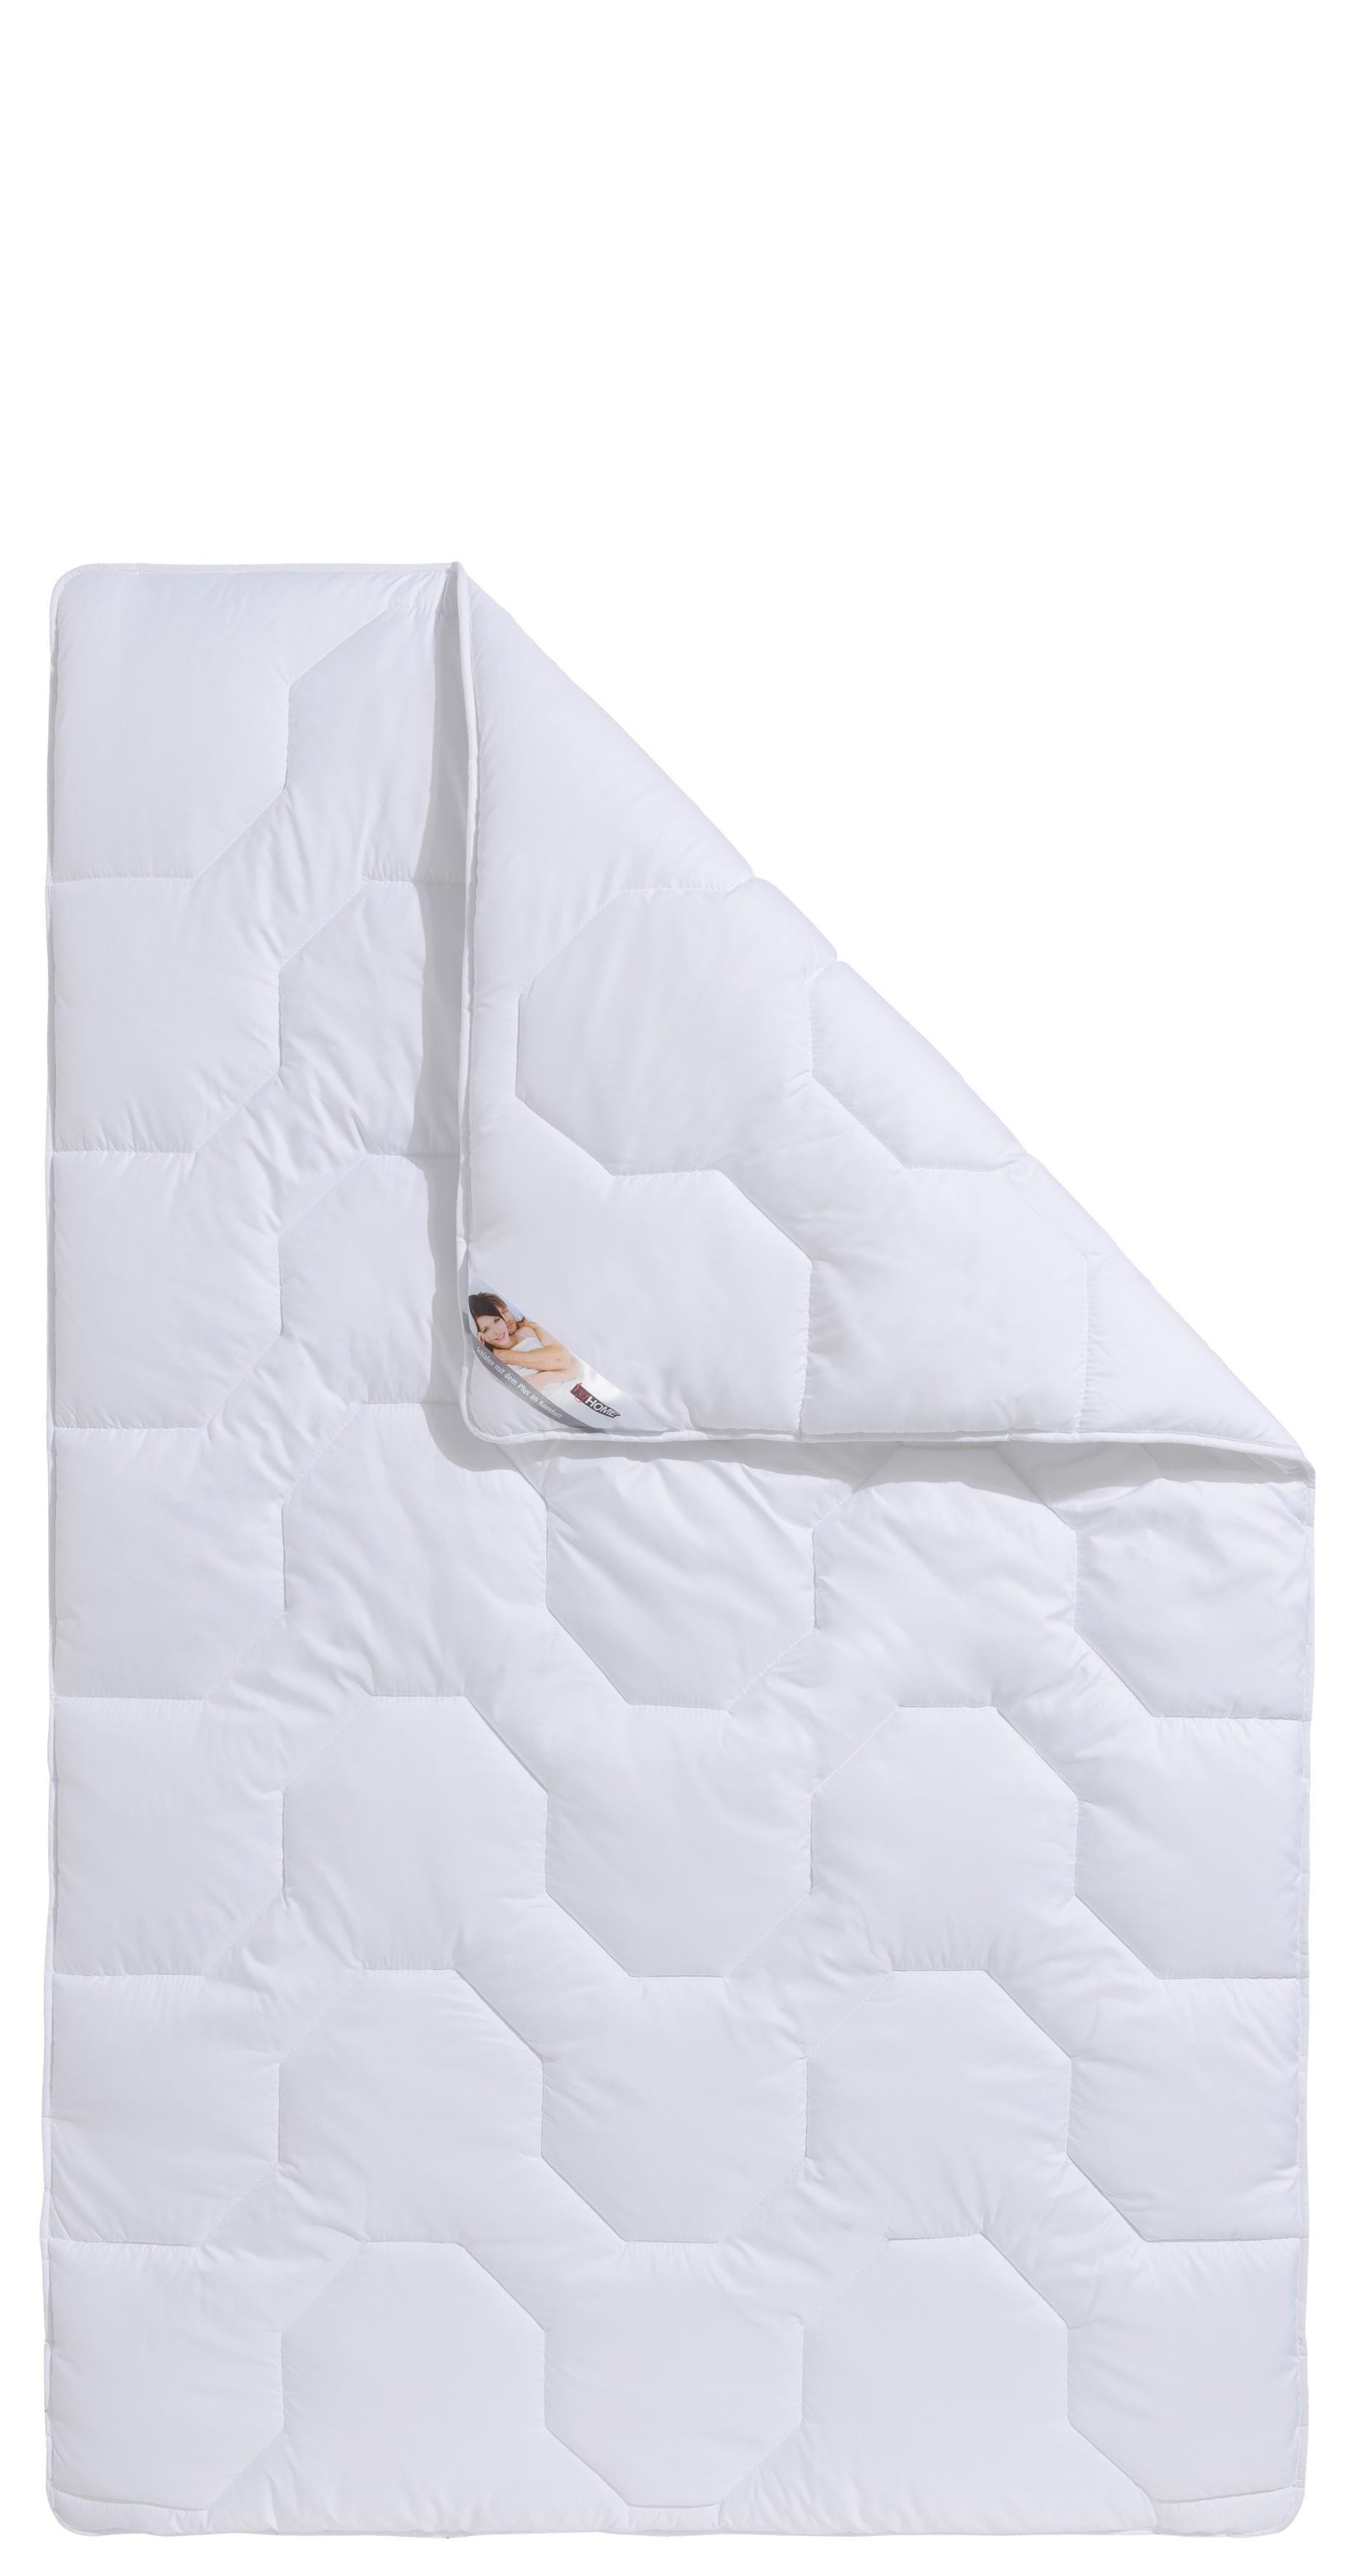 Microfaserbettdecke, »BW70 Kochfest«, my home, warm, Bezug: 100% Baumwolle, (1-tlg) | Heimtextilien > Decken und Kissen > Bettdecken | my home